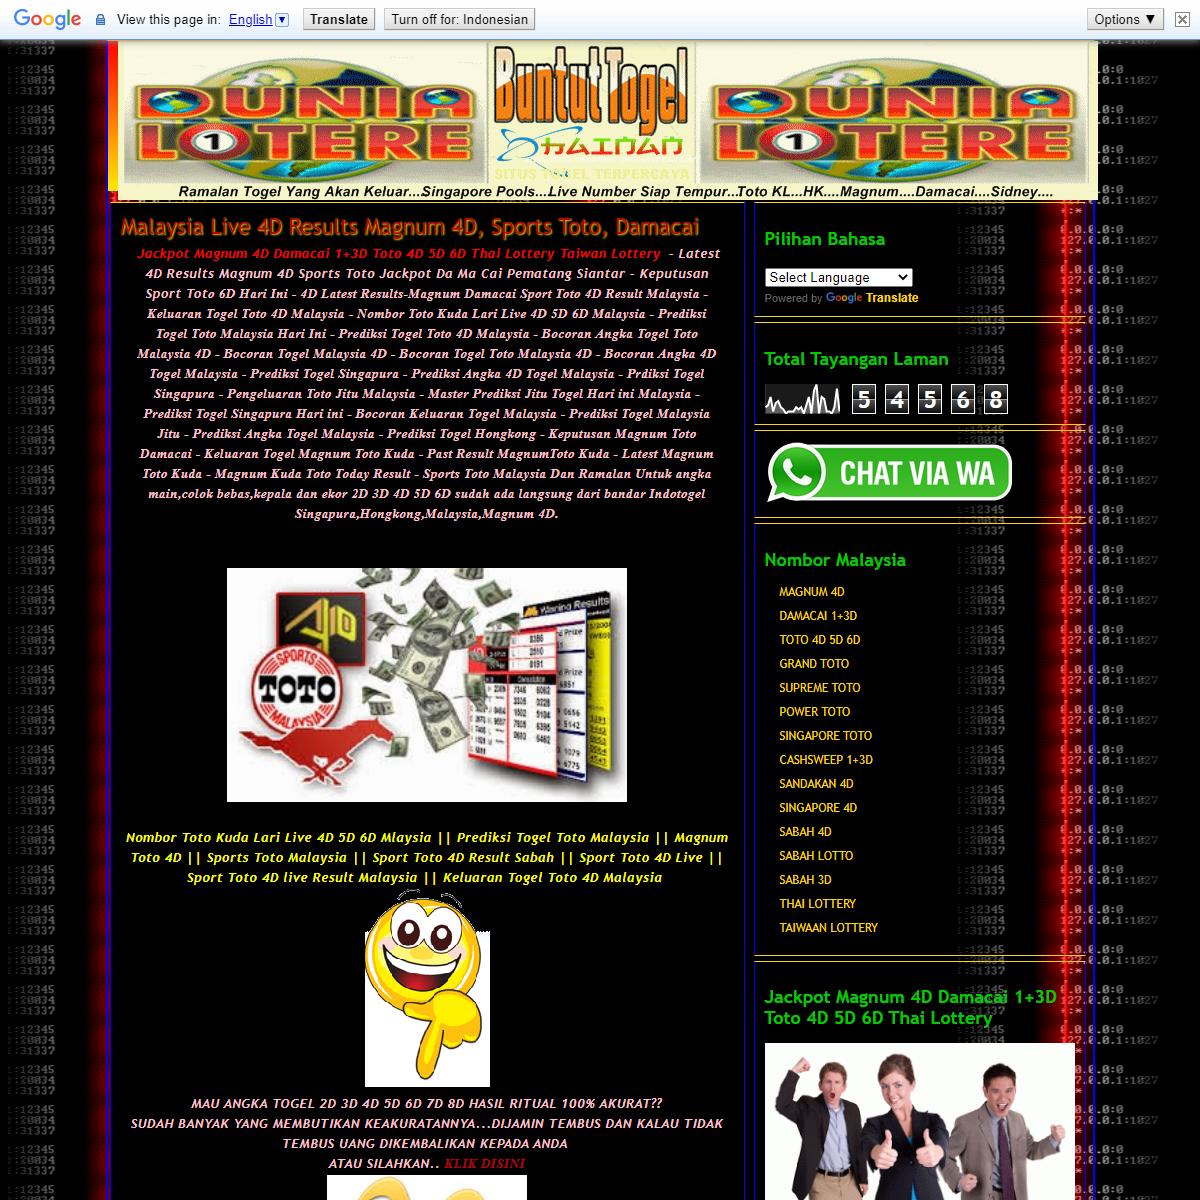 JACKPOT MAGNUM 4D DAMACAI 1+3D TOTO 4D 5D 6D MALAYSIA